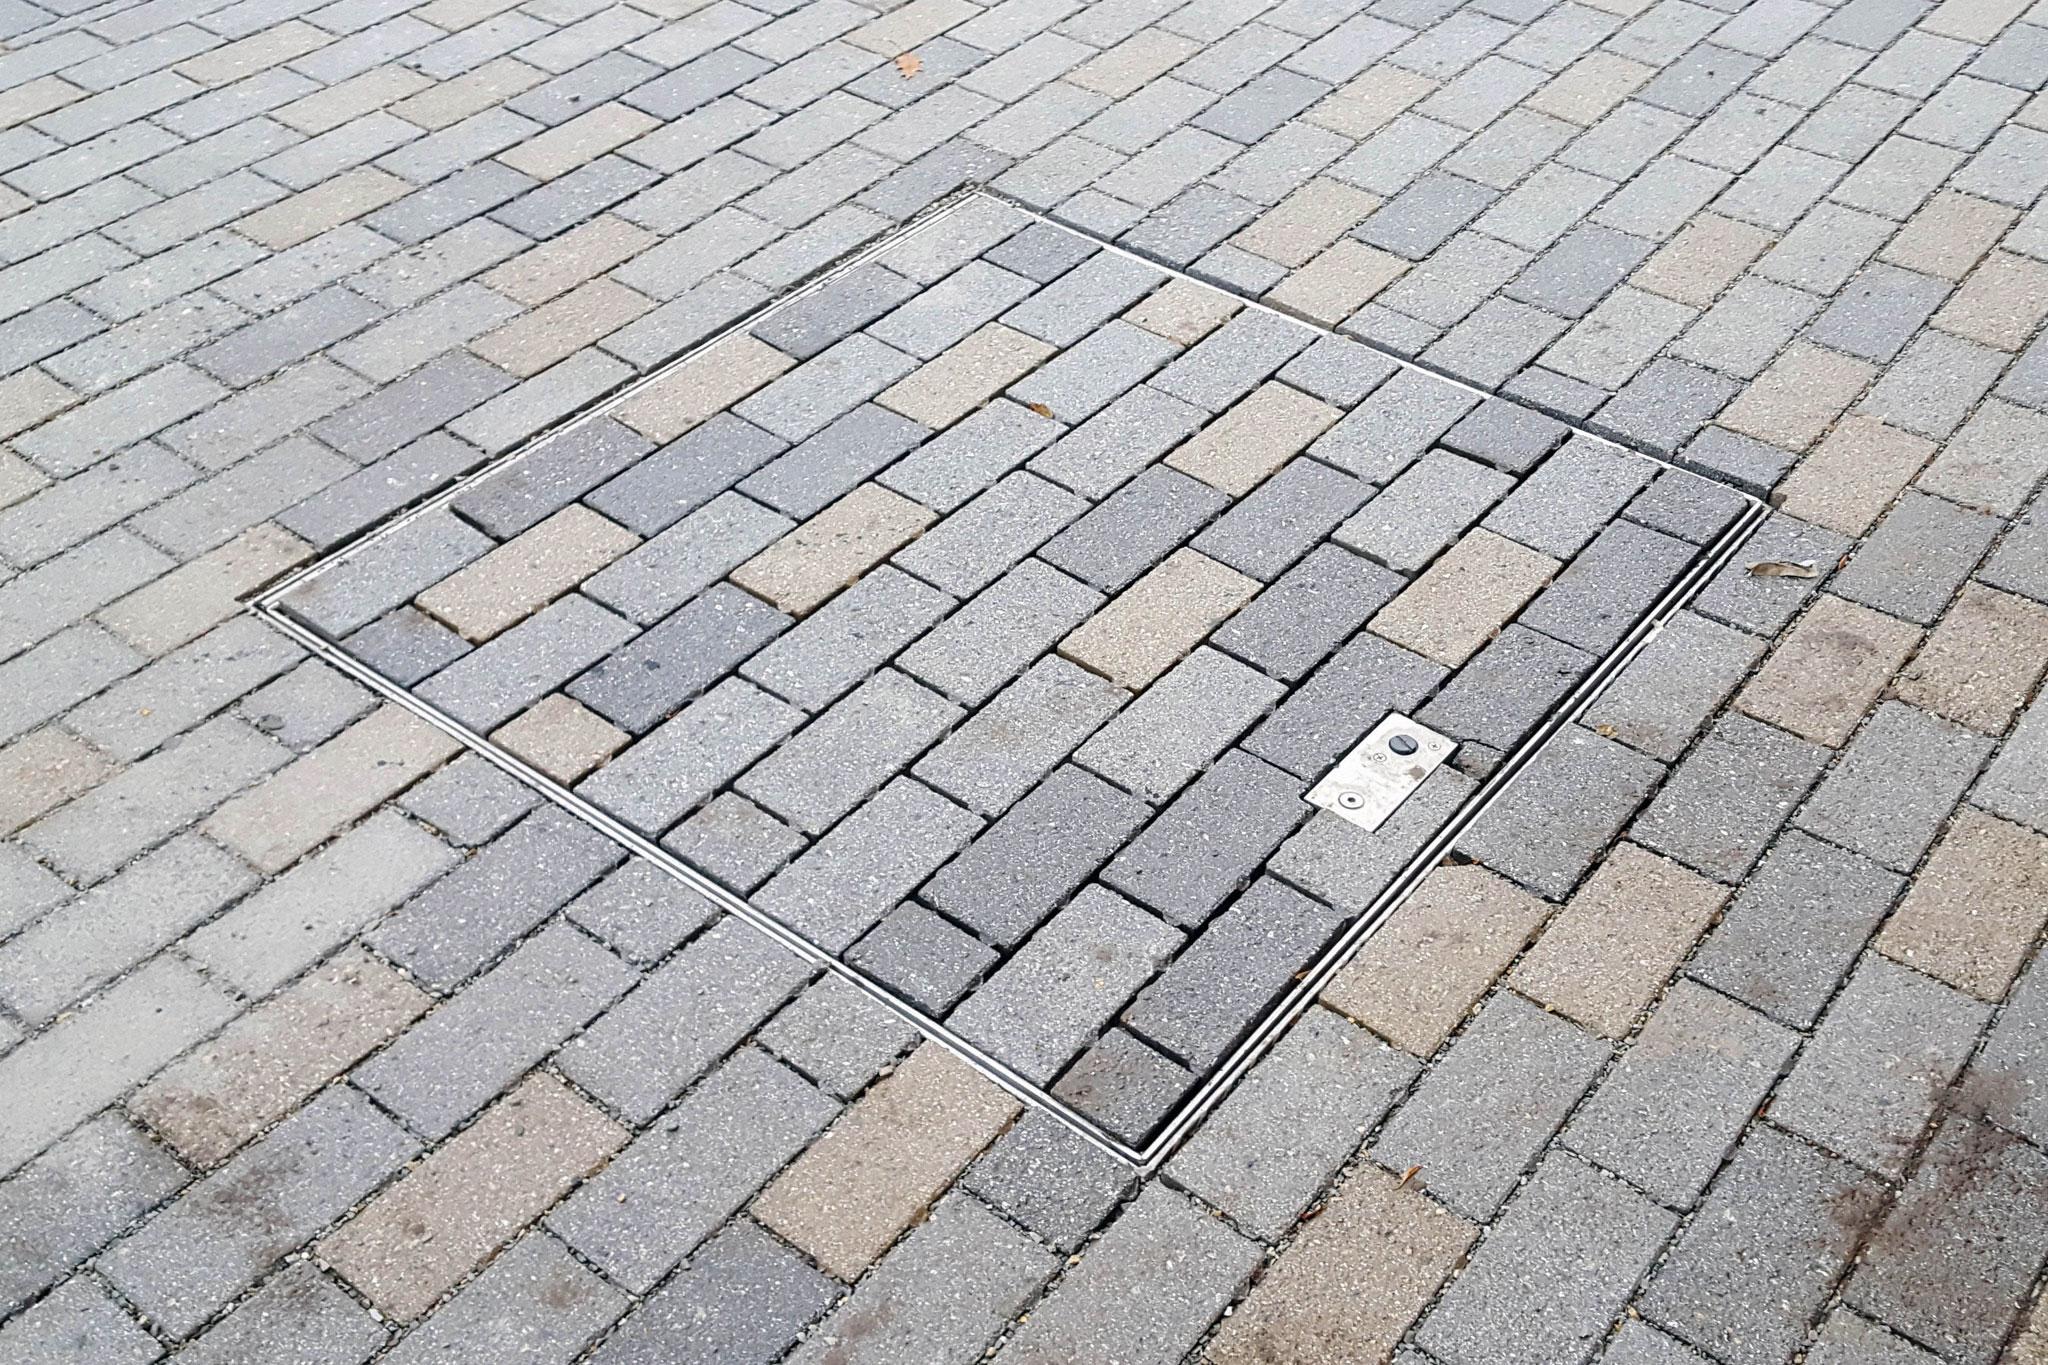 Tile Set Hatch in Brick